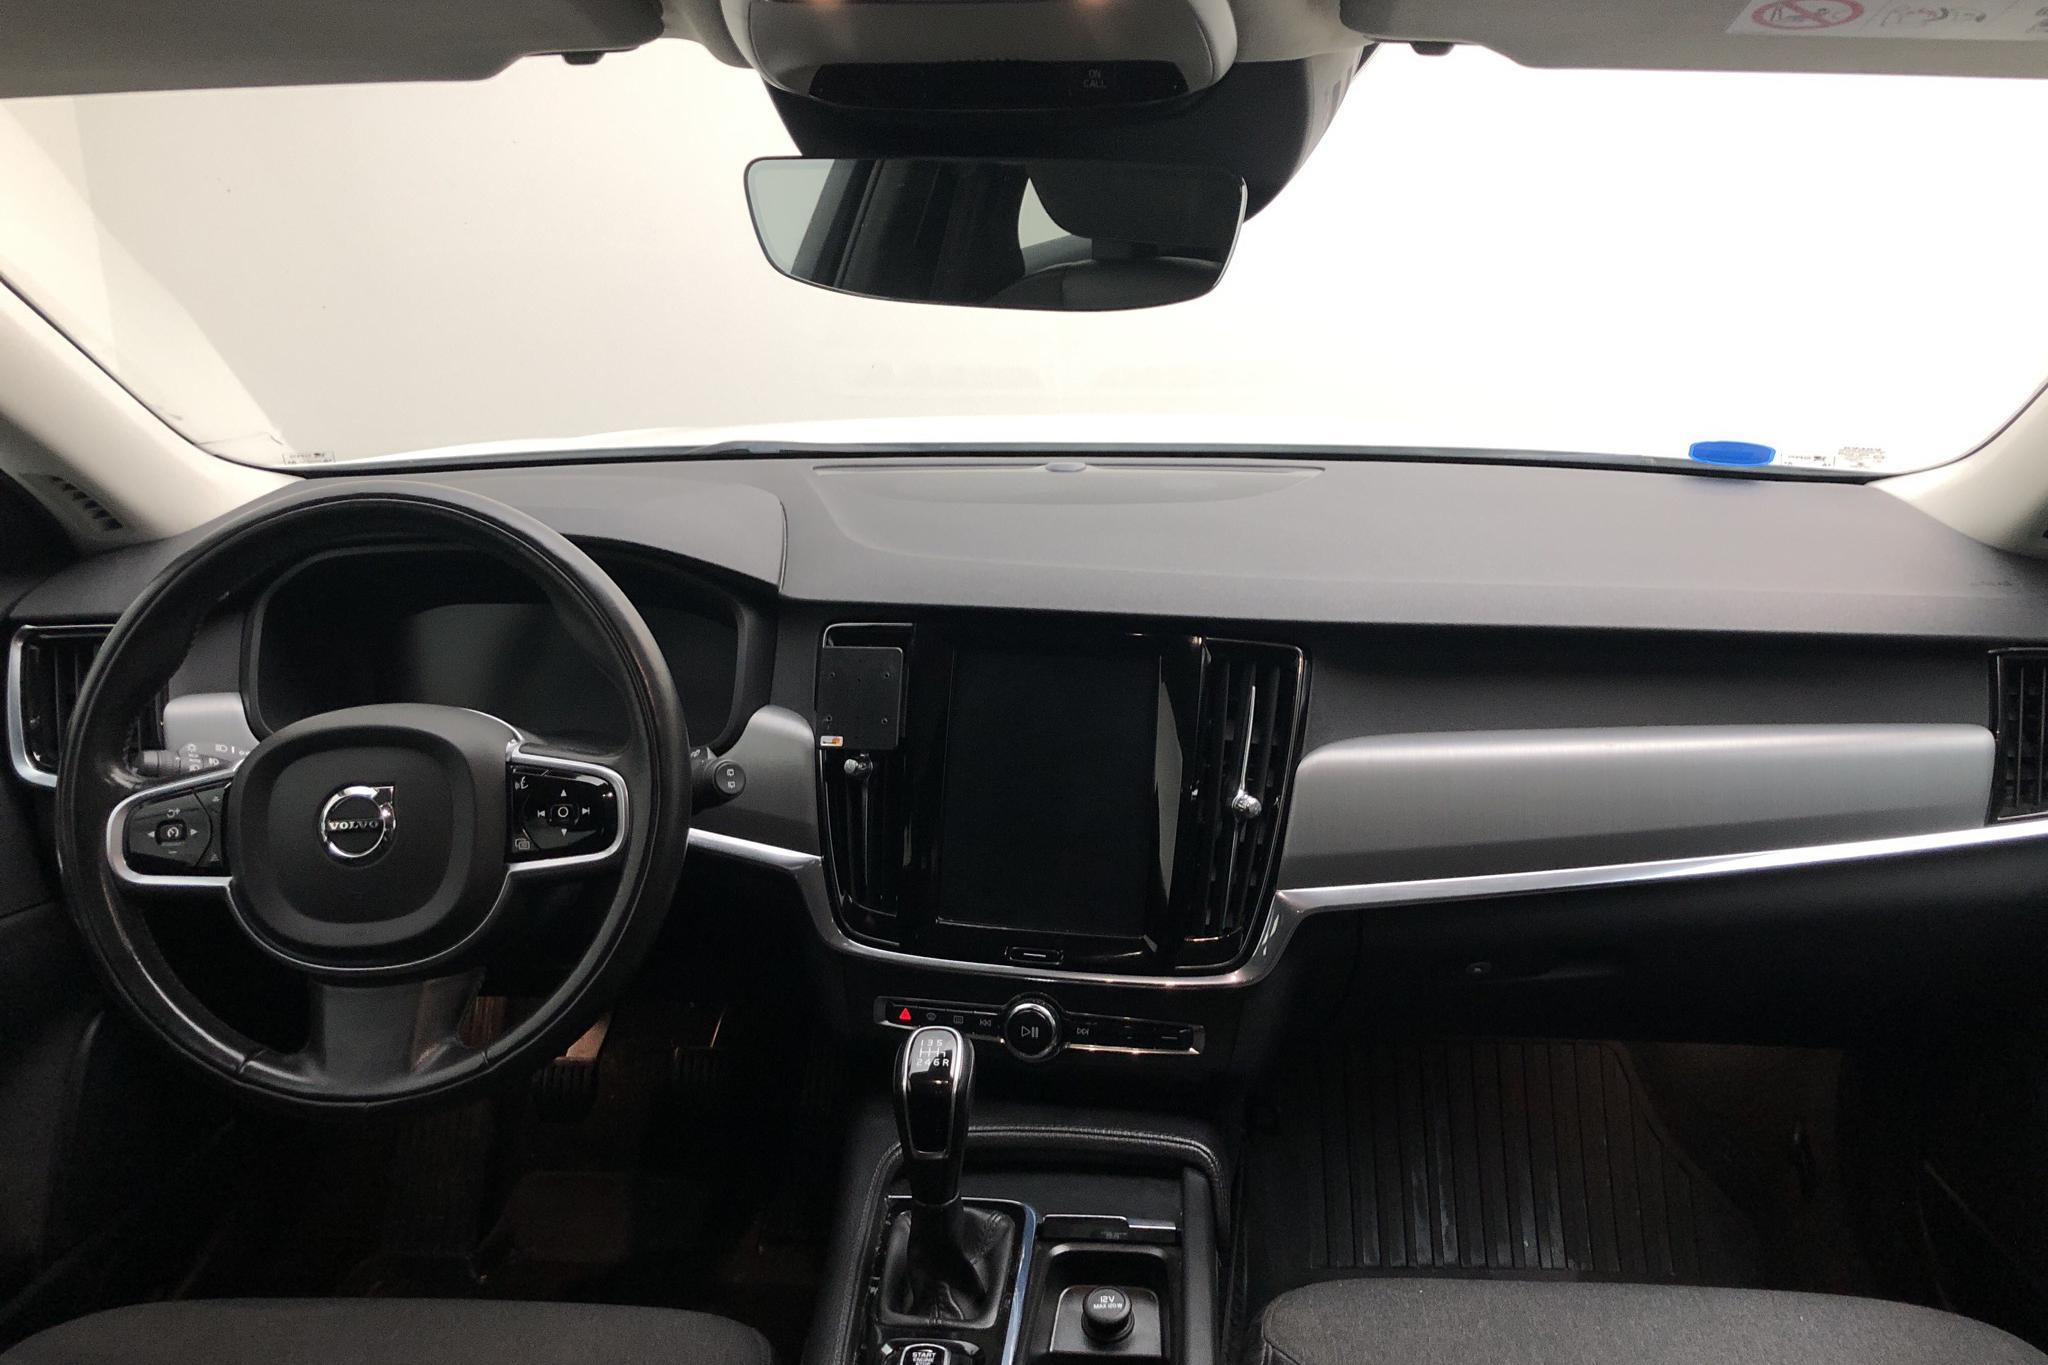 Volvo V90 D3 (150hk) - 71 710 km - Manual - white - 2018